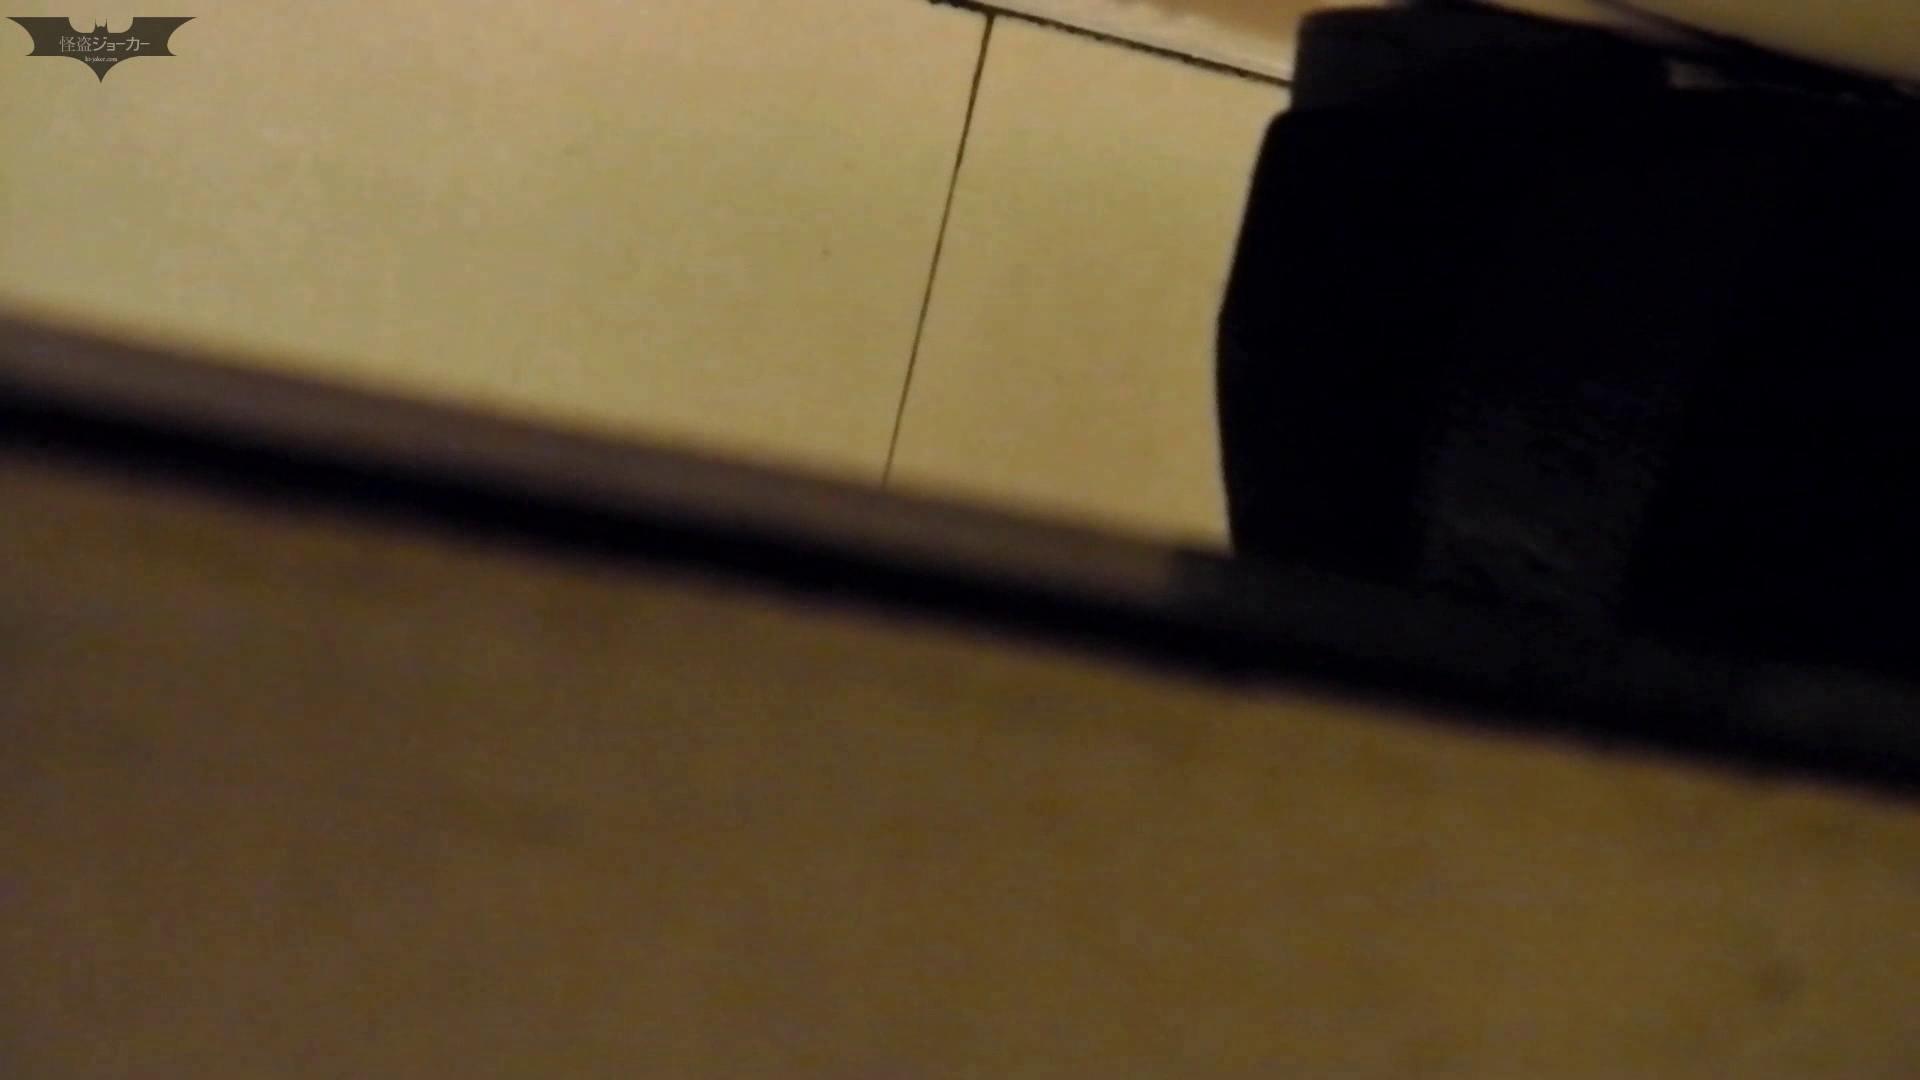 新世界の射窓 No64日本ギャル登場か?ハイヒール大特集! 洗面所着替え   ギャル・コレクション  95連発 50